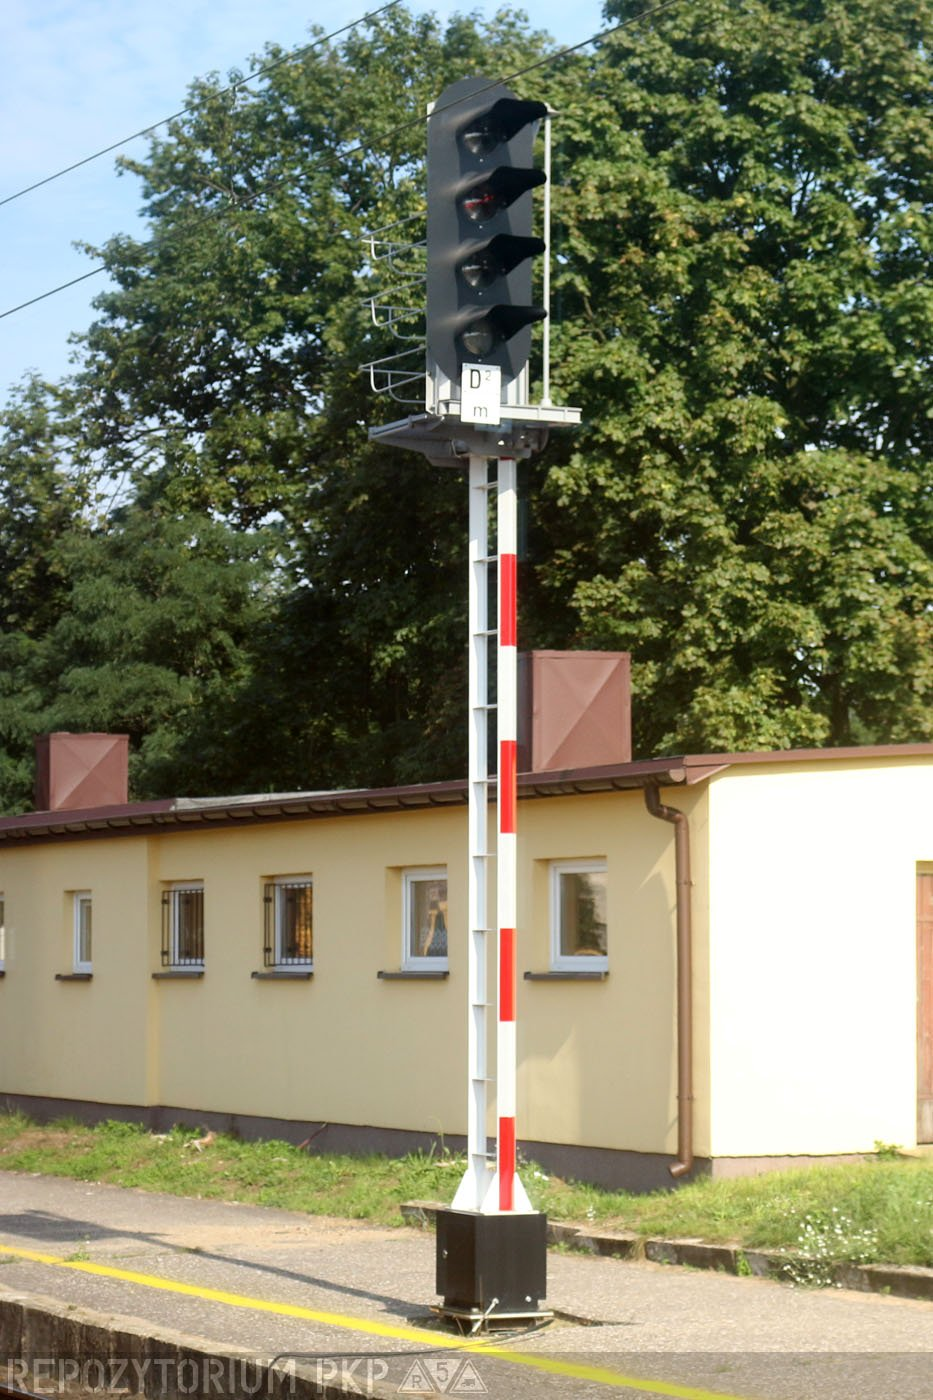 Sygnalizator typu M02, odmiana stała, stacja Domaniewice